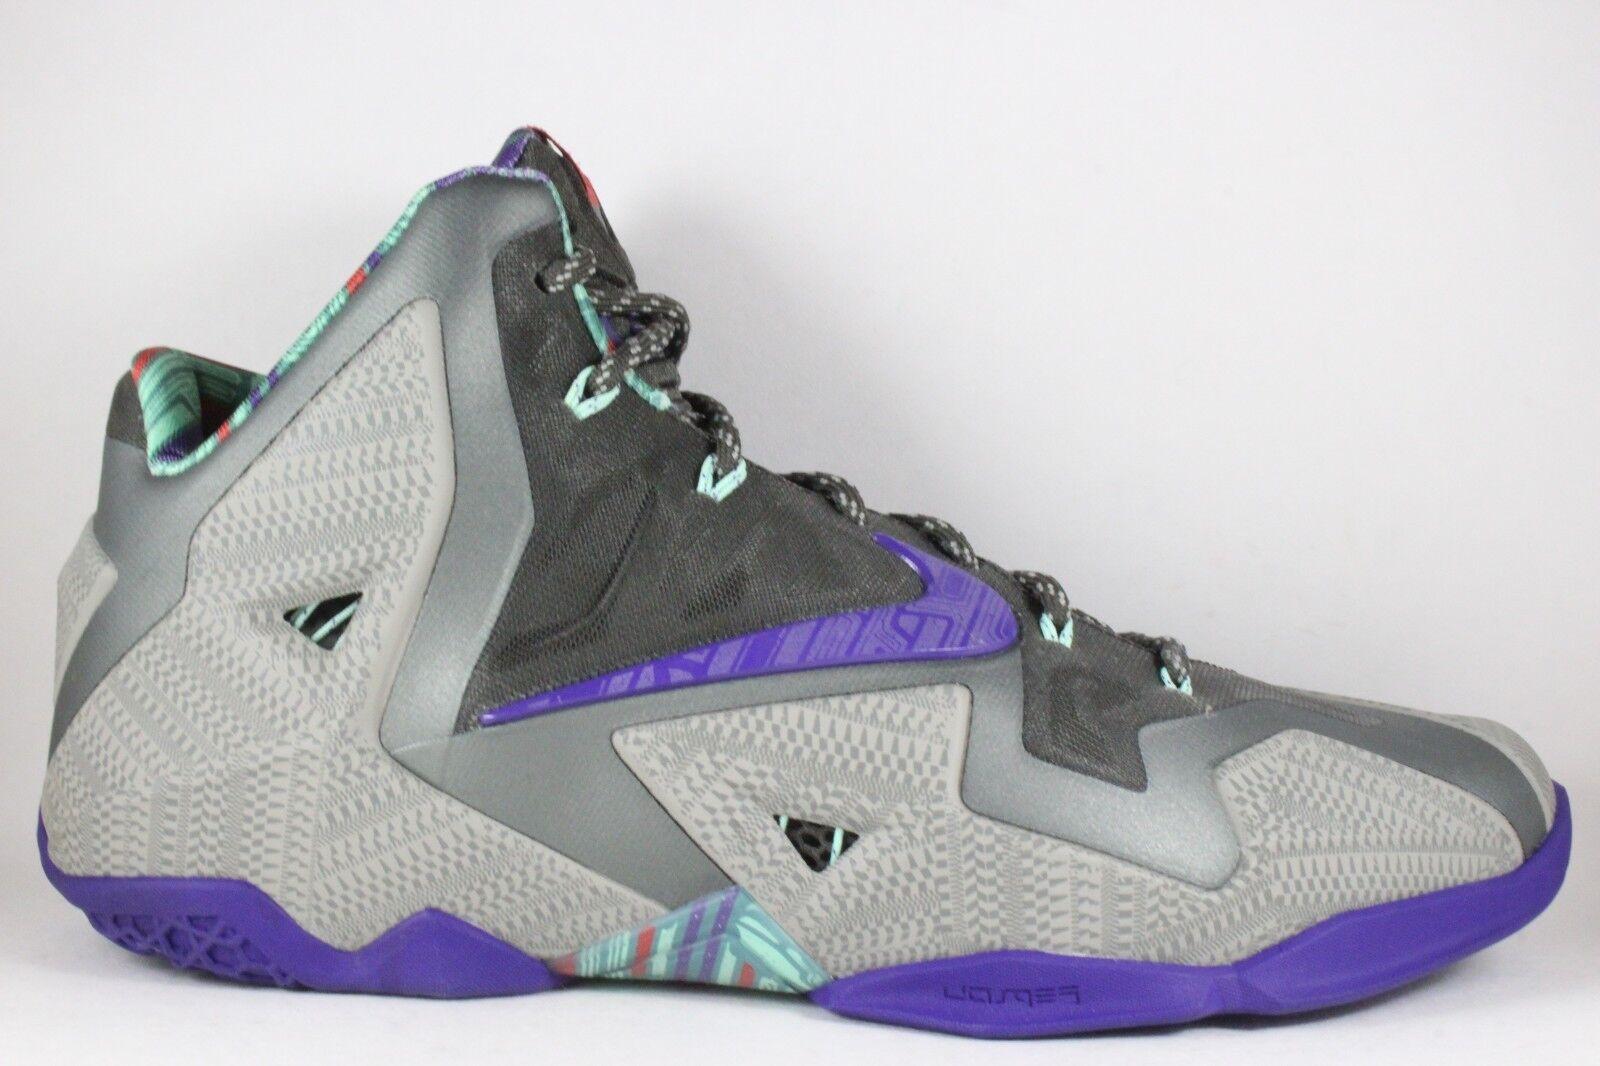 Nike LeBron 11 XI Terracotta Warrior size 11